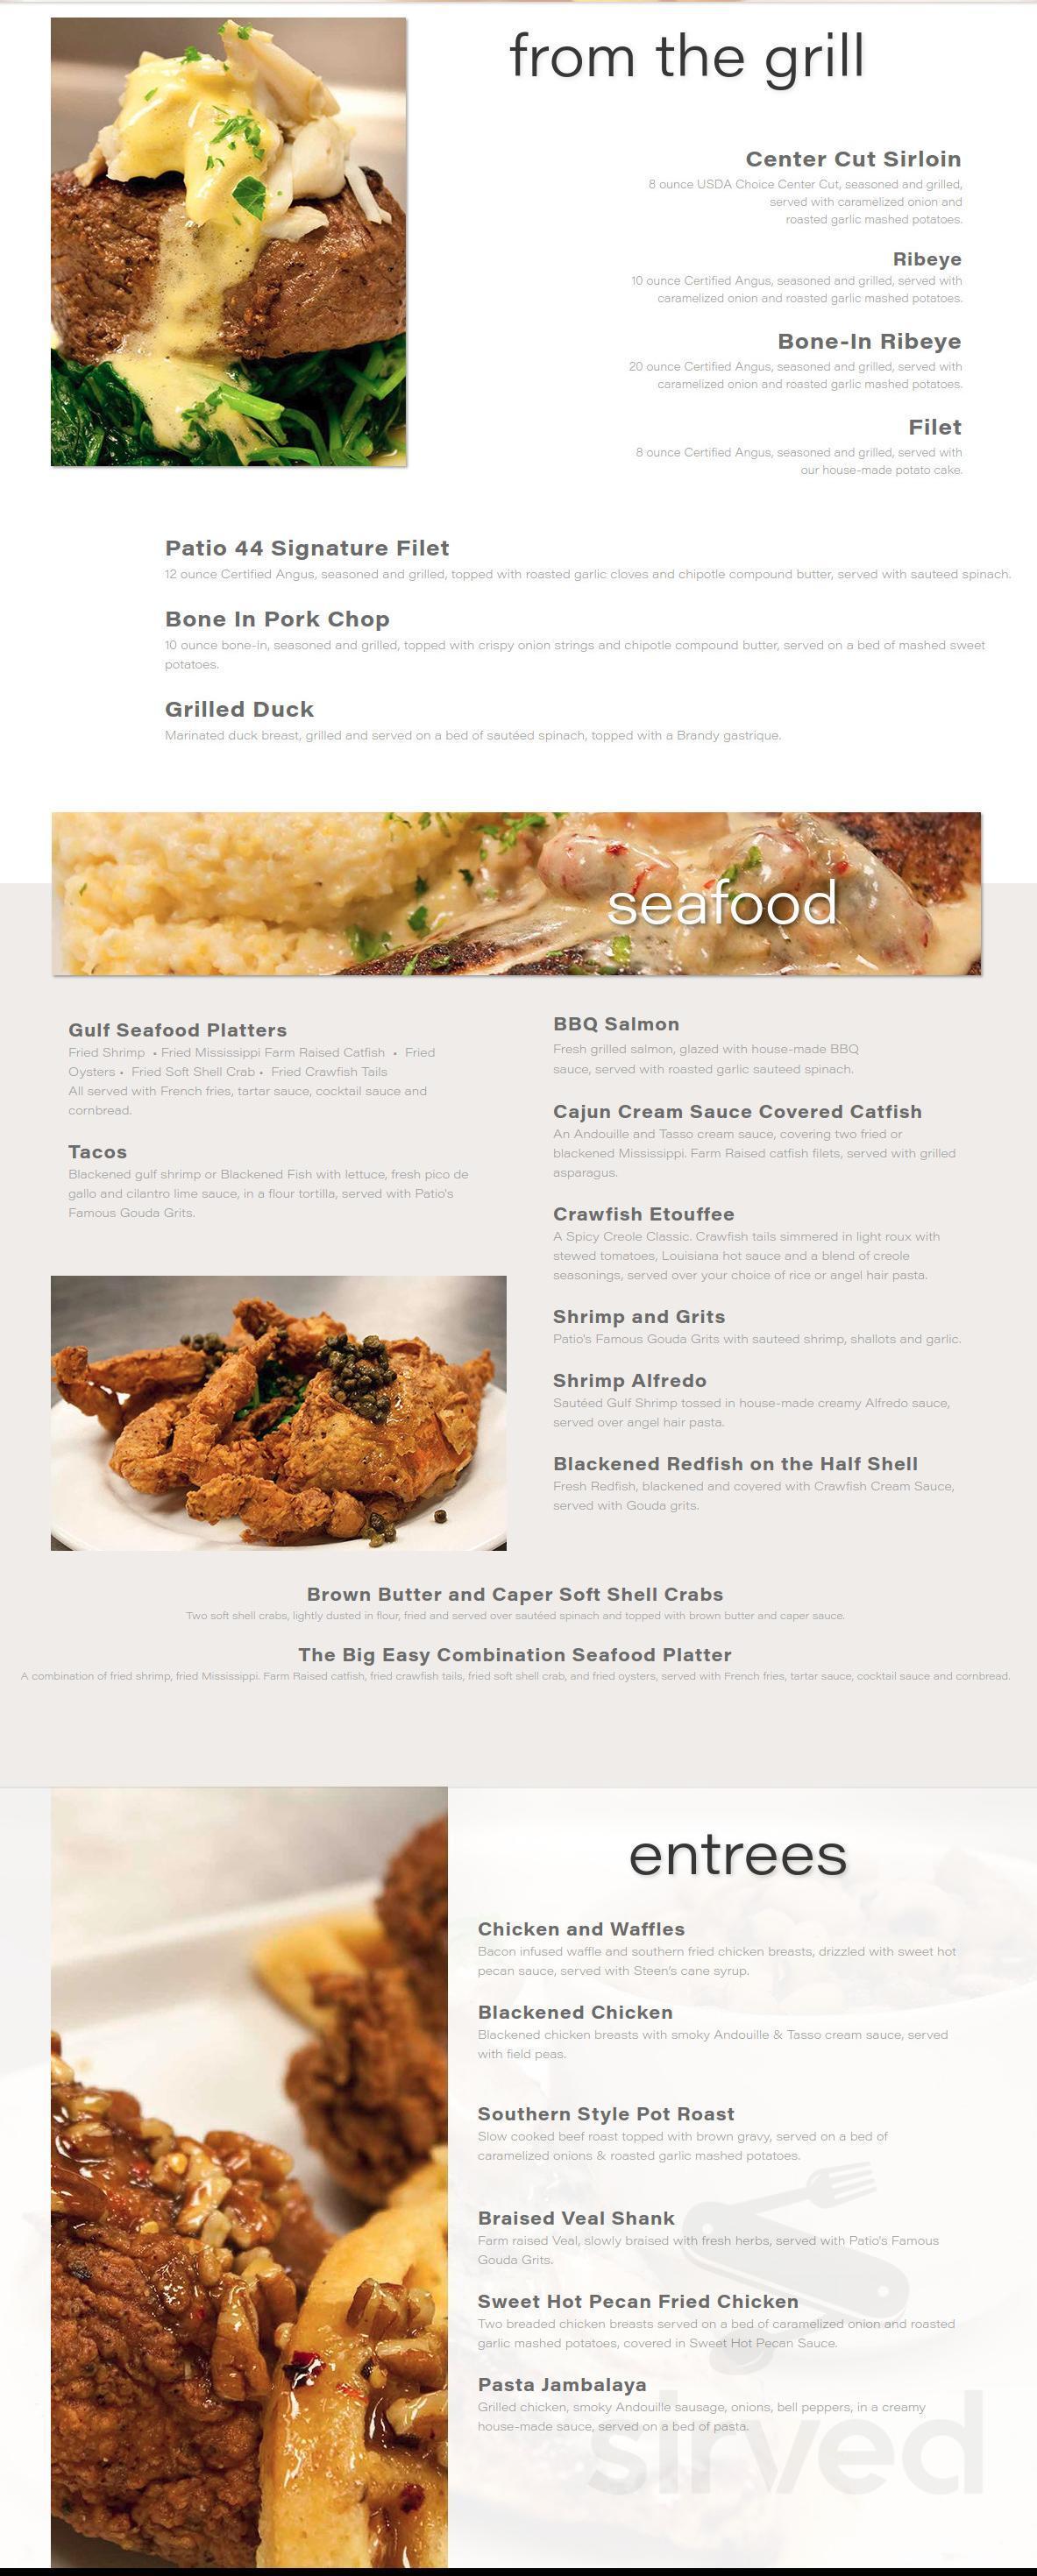 patio 44 menu in hattiesburg